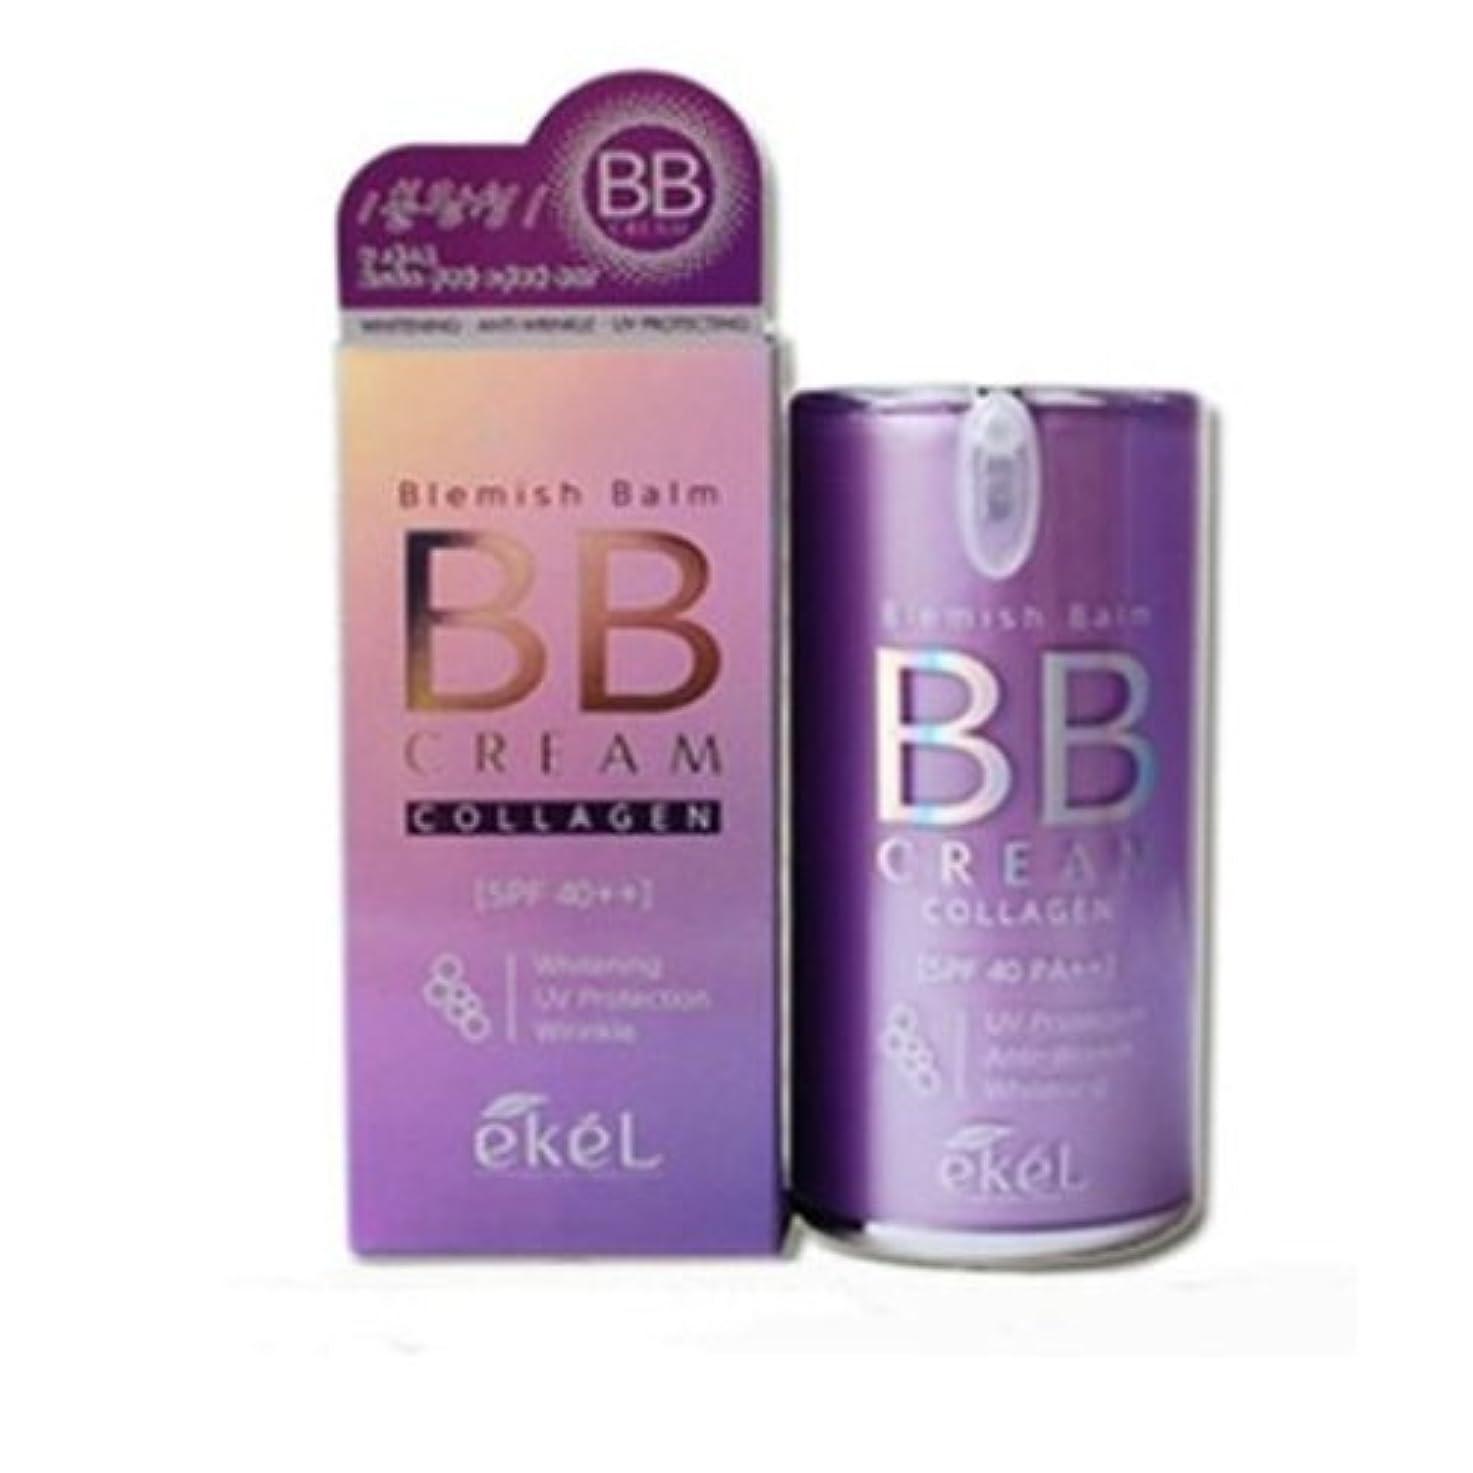 ティーンエイジャーラジカル強いますイケル[韓国コスメEkel]Collagen Blemish Balm BB Cream コラーゲンブレムスバームBBクリーム50g SPF40 PA++[並行輸入品]